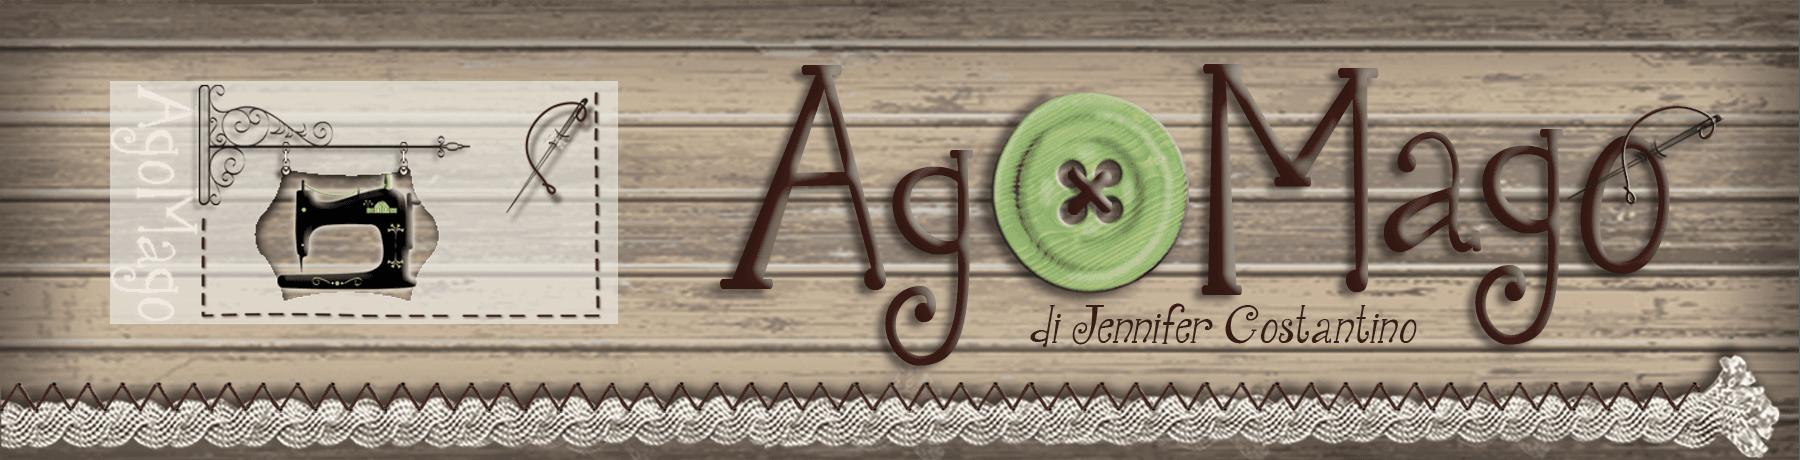 AGOMAGO logo